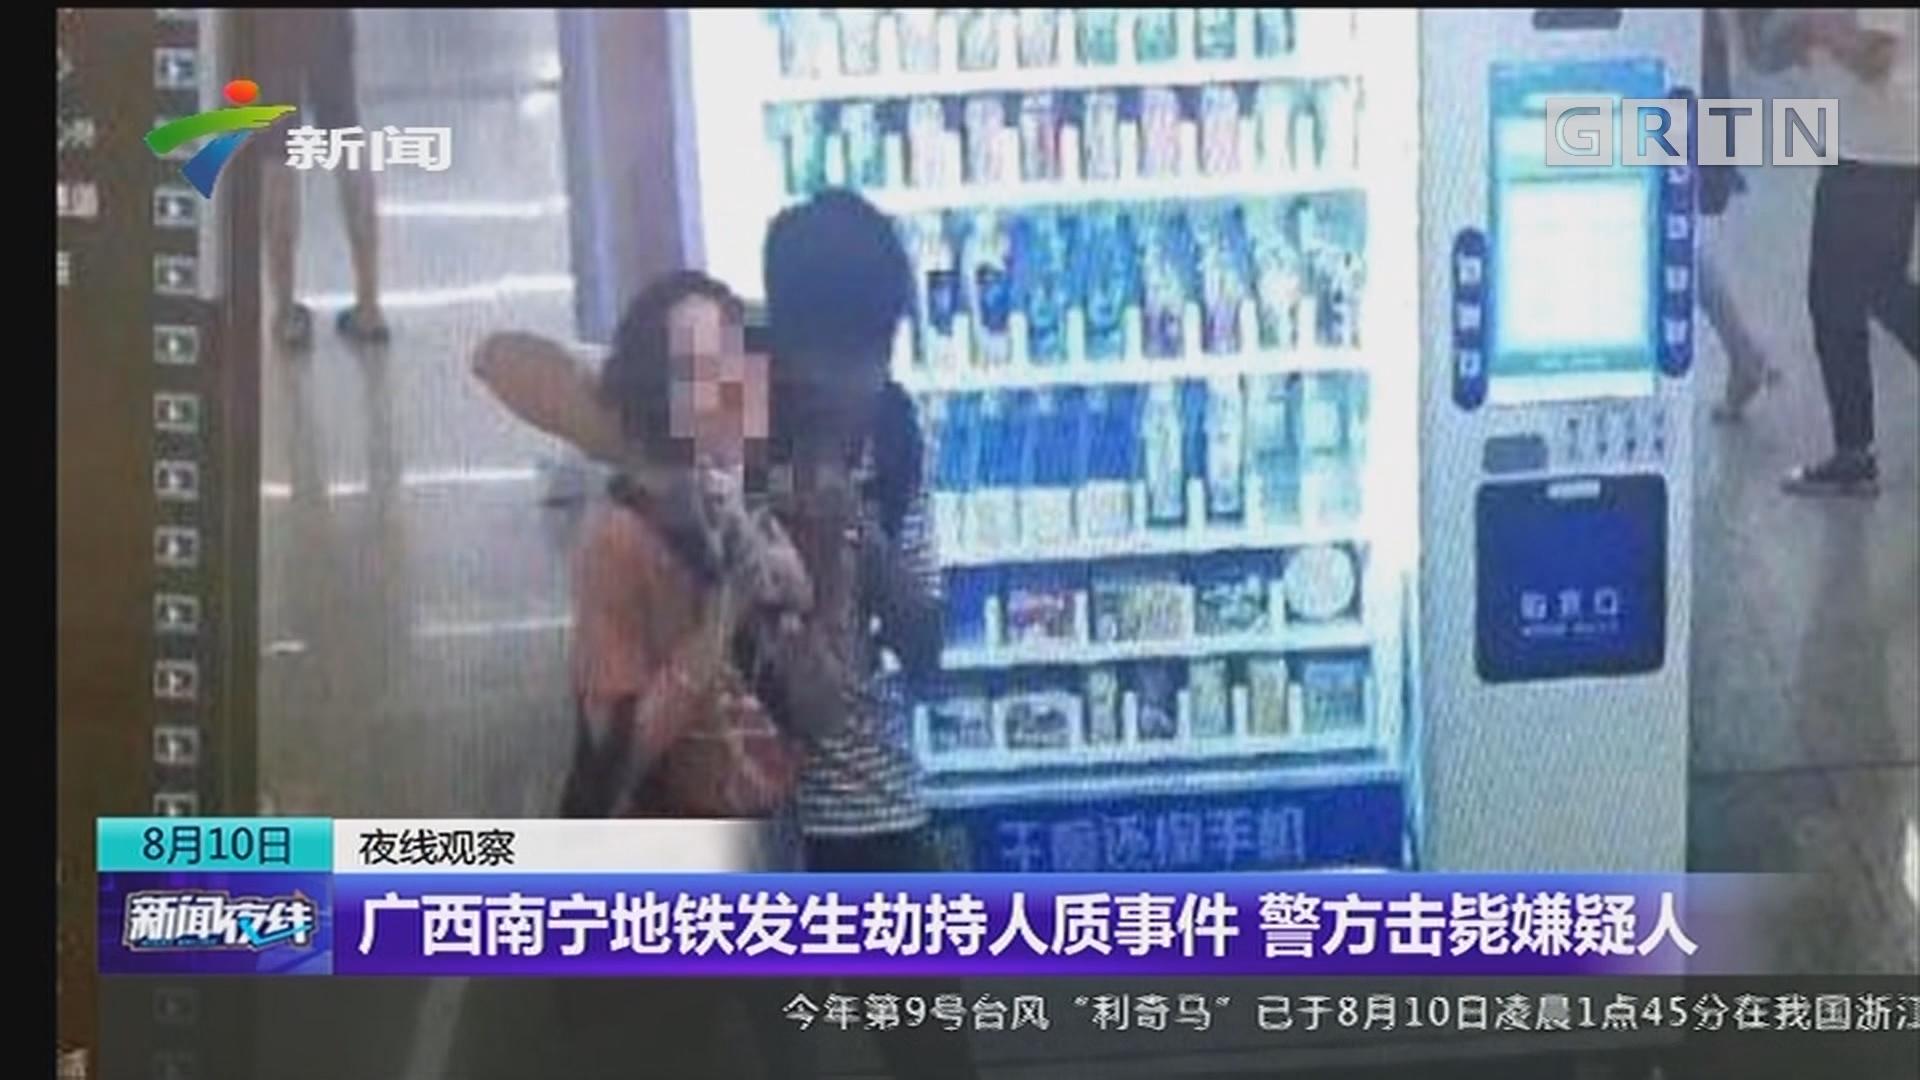 广西南宁地铁发生劫持人质事件 警方击毙嫌疑人